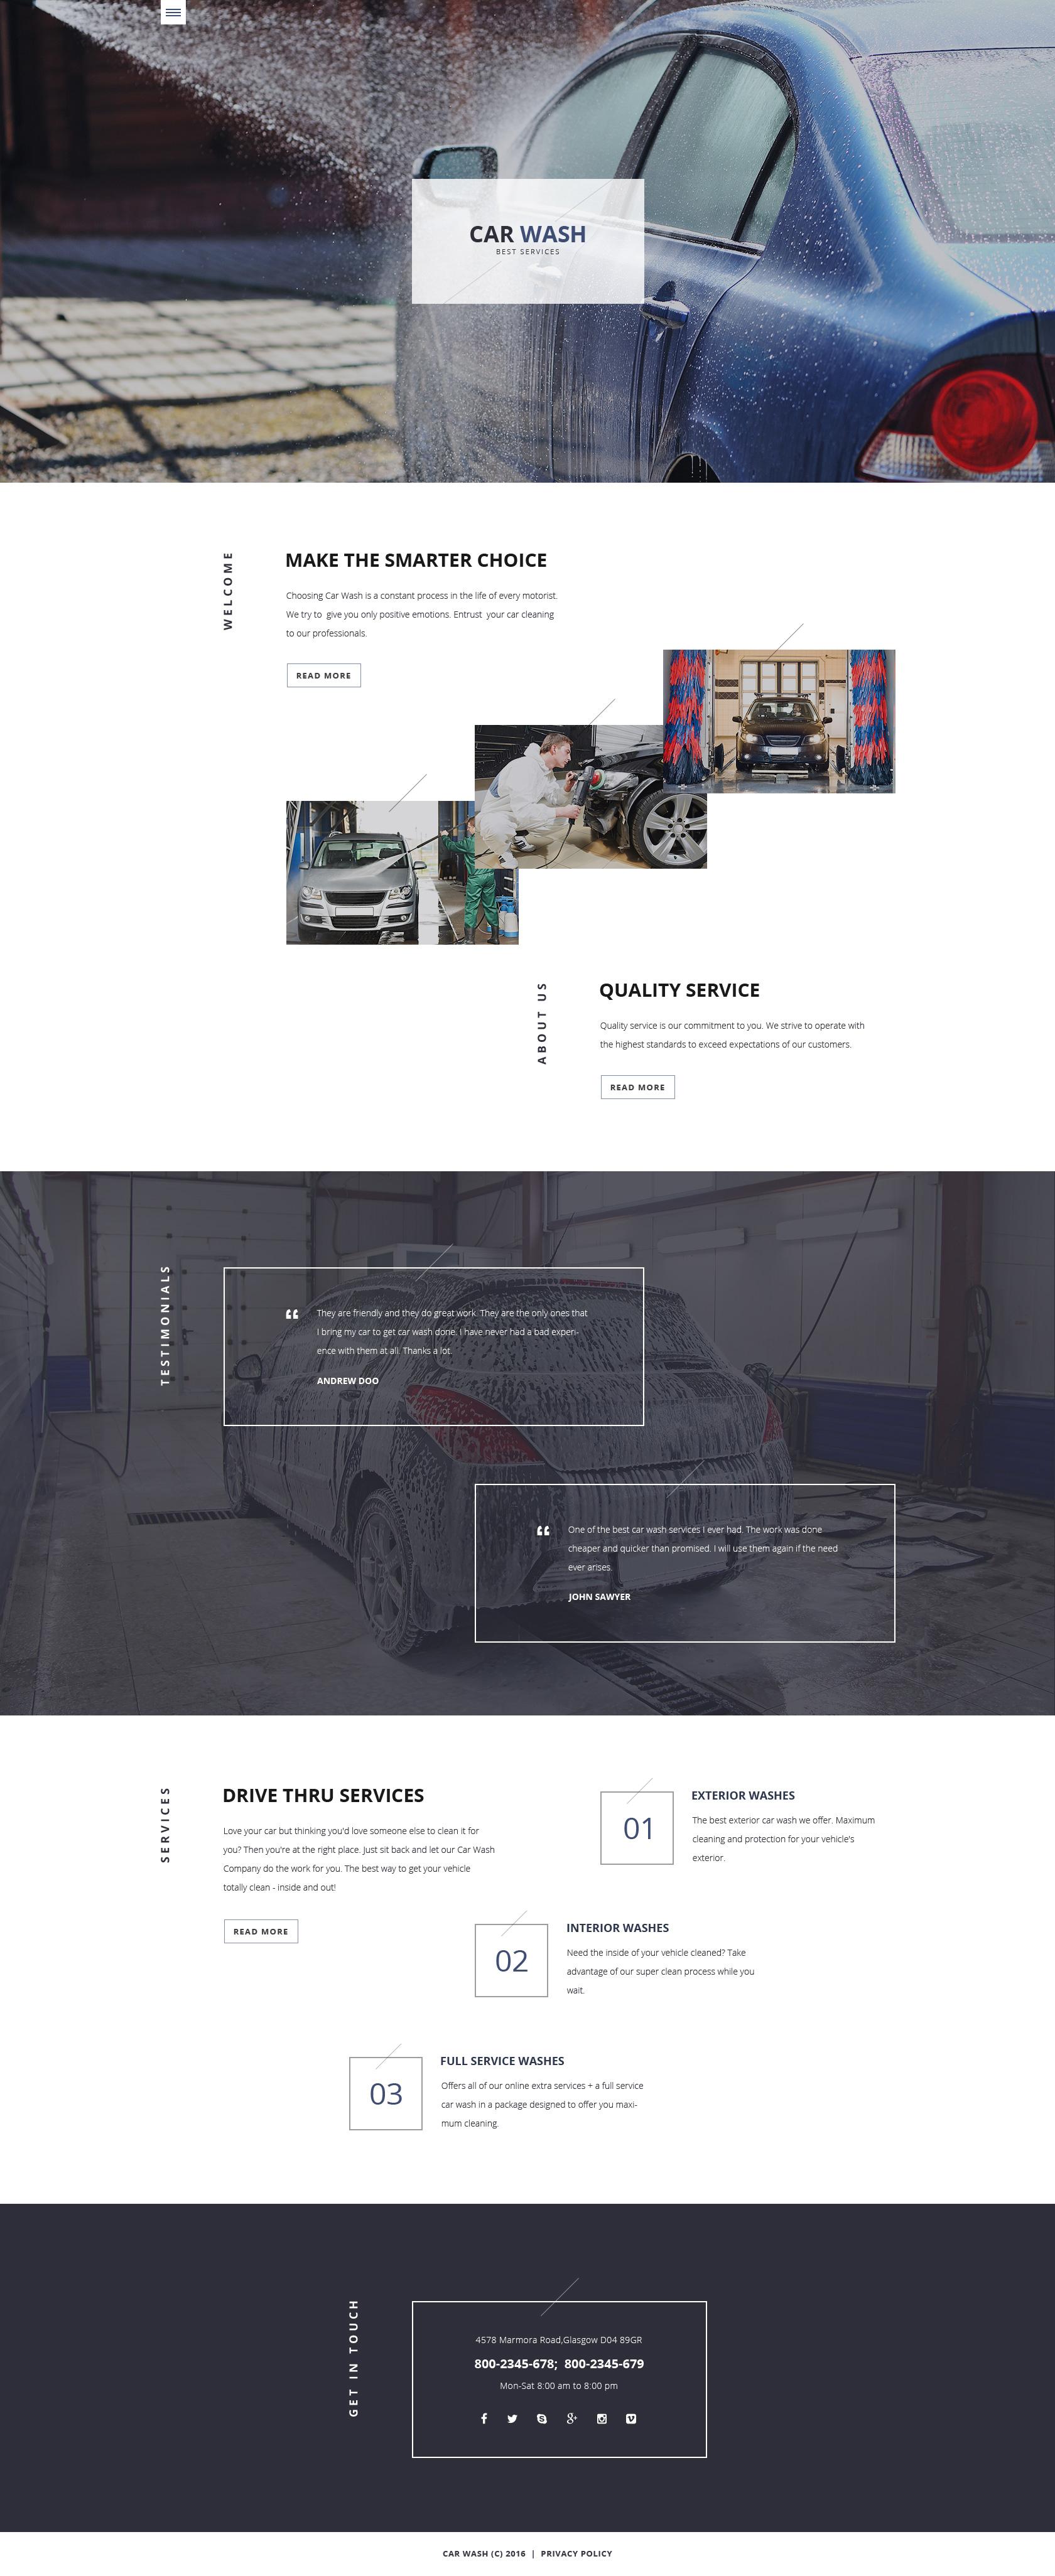 Адаптивний Шаблон сайту на тему автомийка №58118 - скріншот